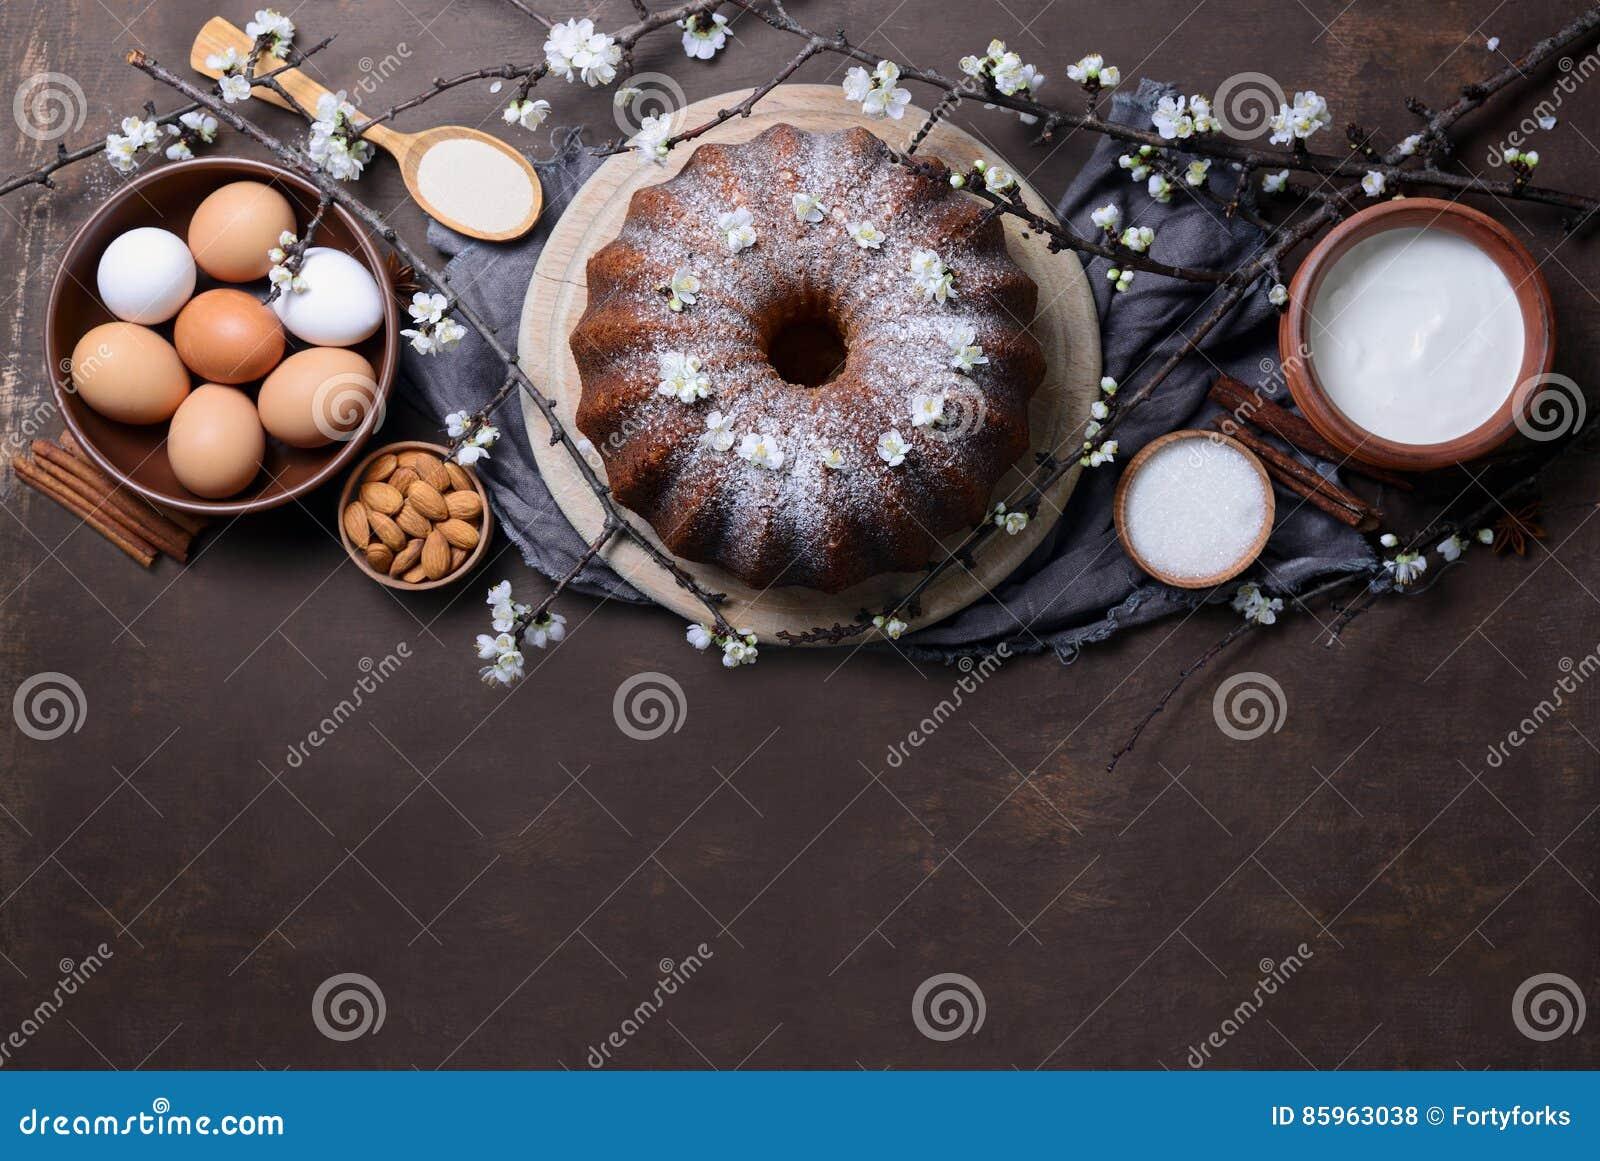 De cake van Pasen bundt met ingrediënten